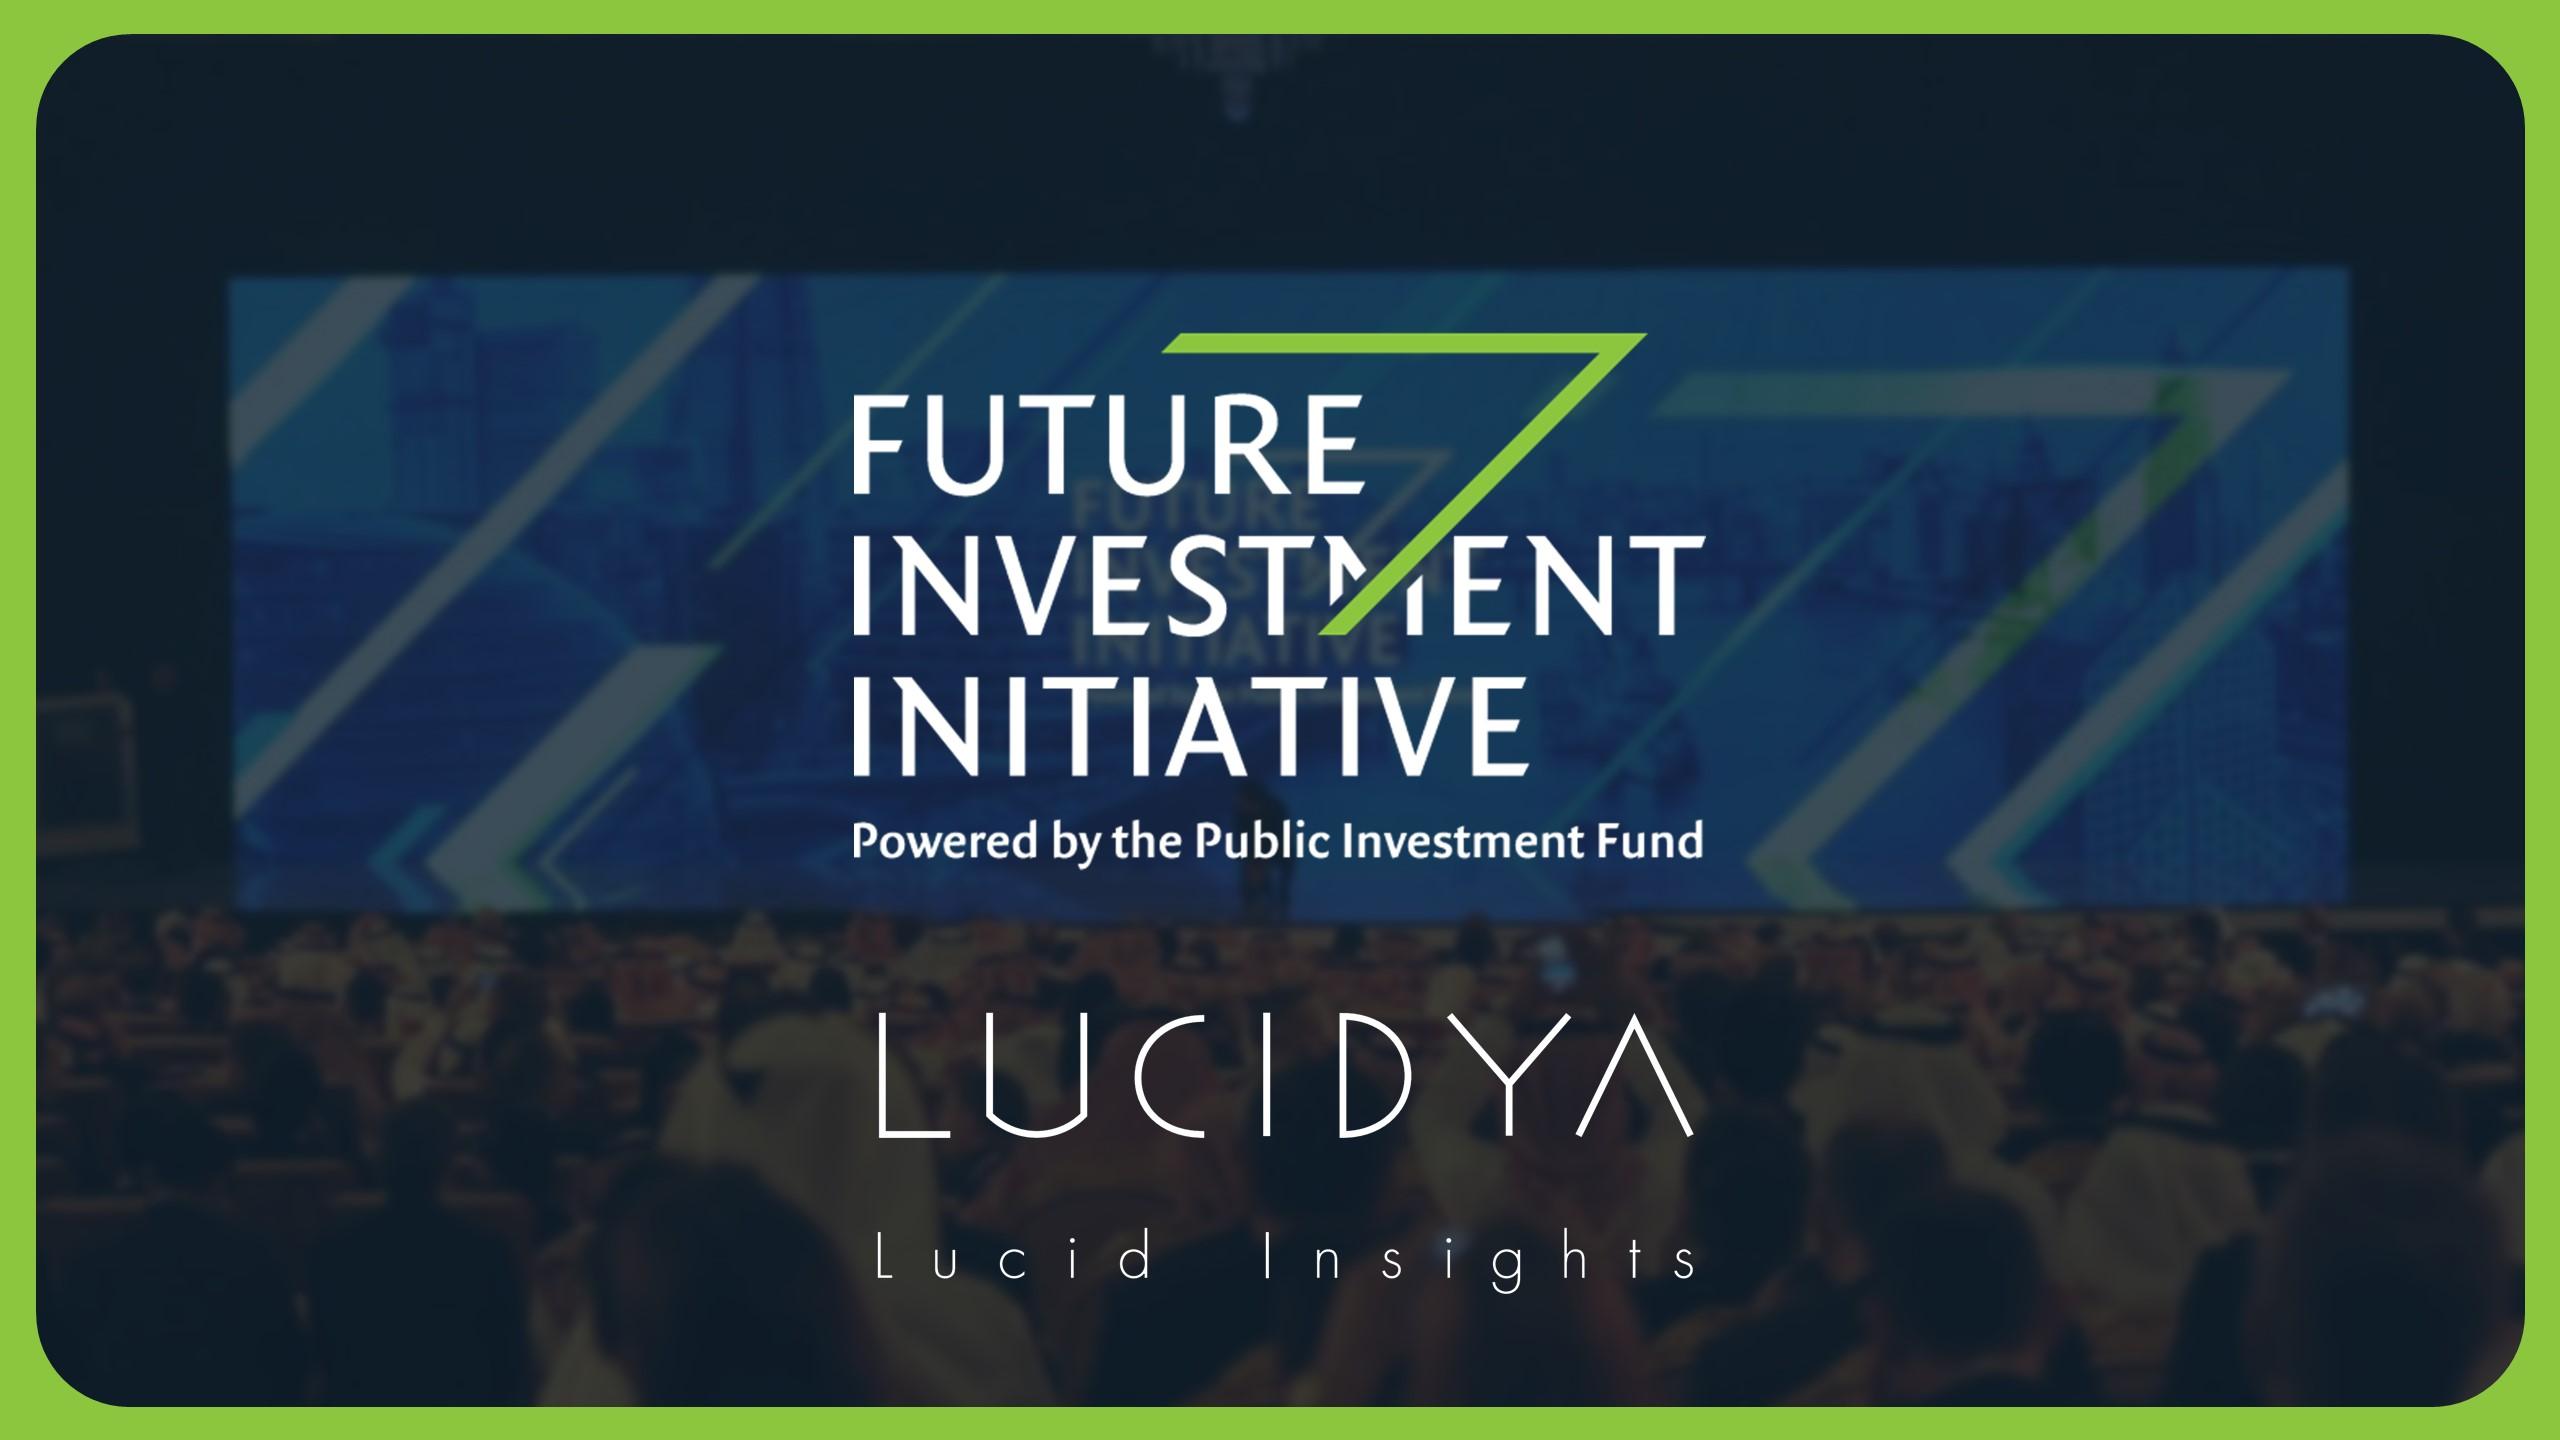 إنفوجراف – مبادرة مستقبل الاستثمار